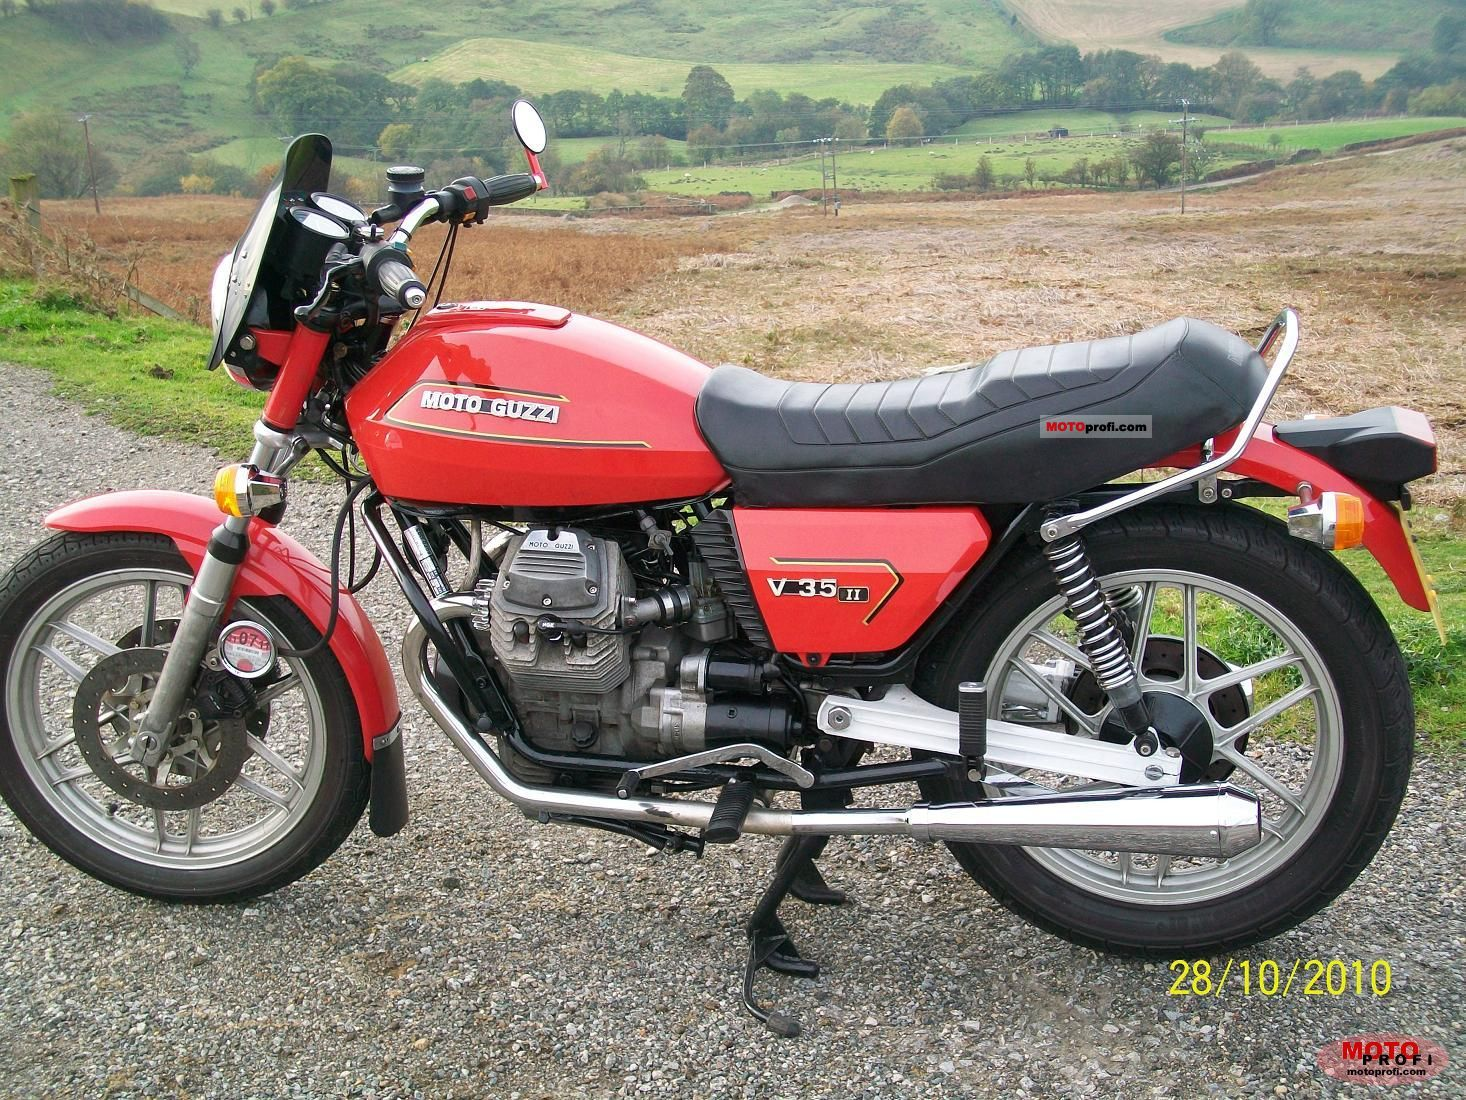 Moto Guzzi V 35 II 1984 photo